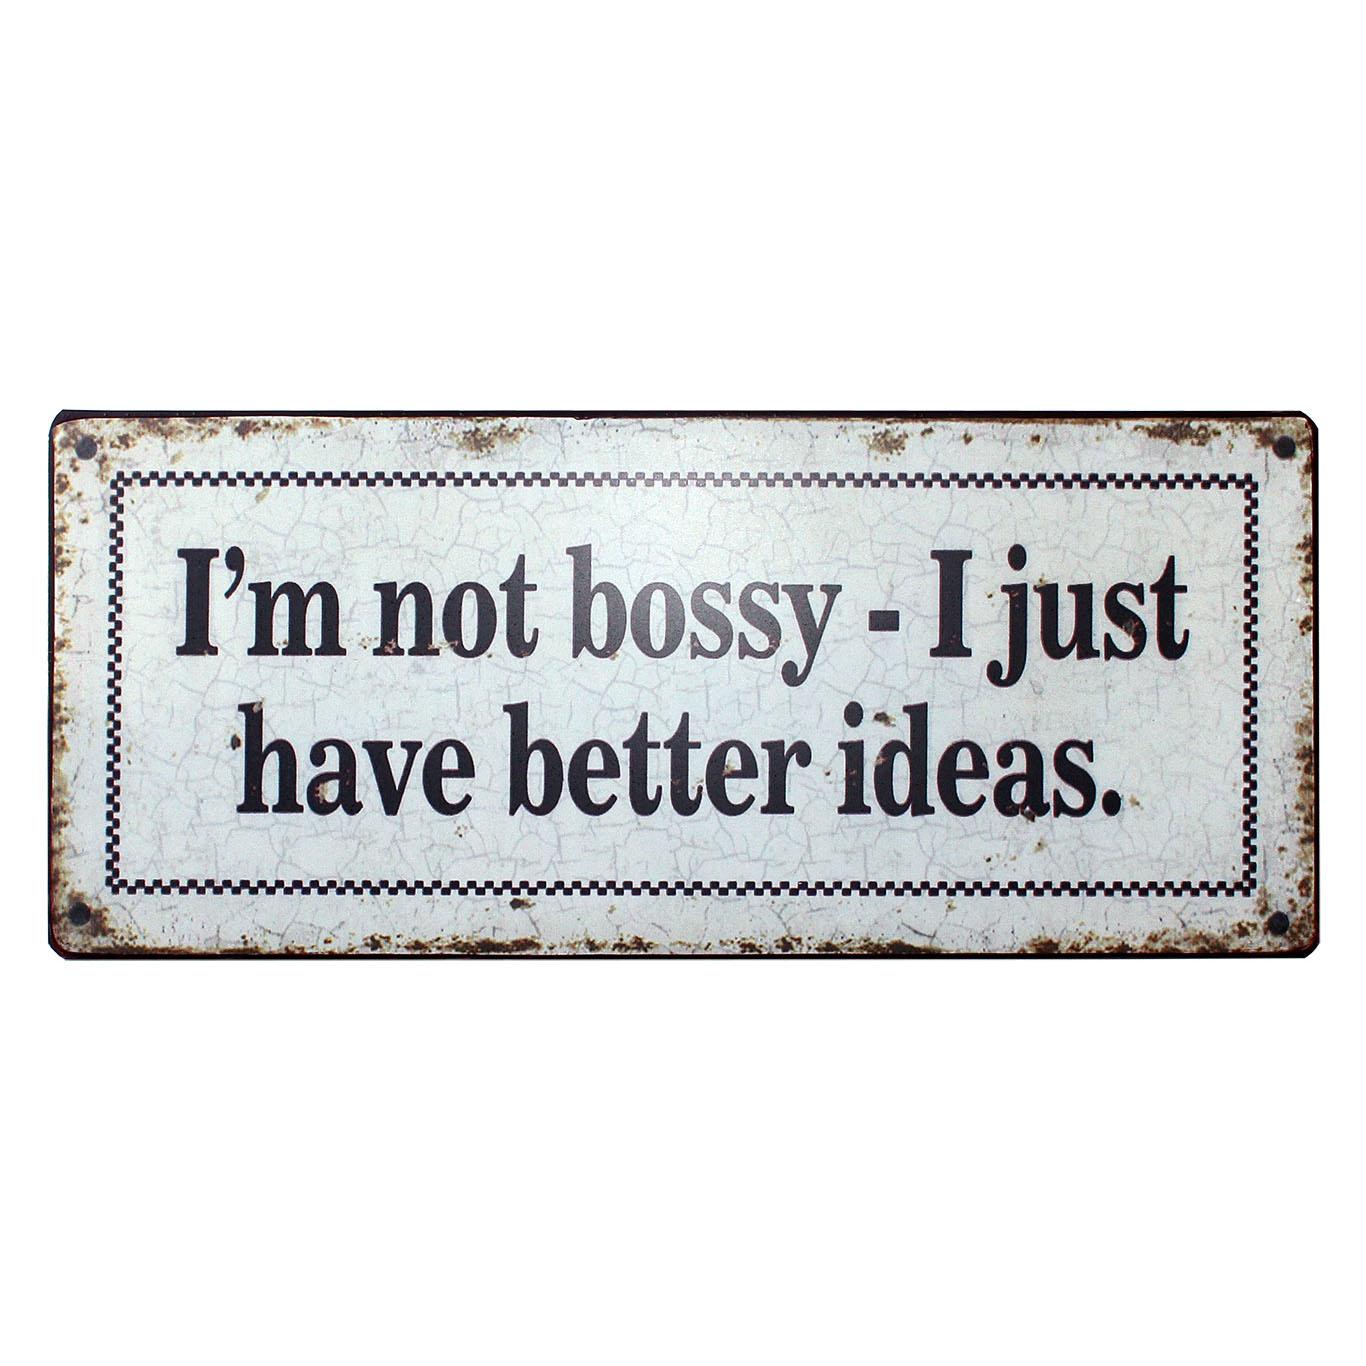 em1742-I-am-not-bossy-I-just-have-better-ideast-spreukenbord-tekstbord-uitspraken-spreuken-rustiek-tekst-bord-cadeau-kado-online-metaal v